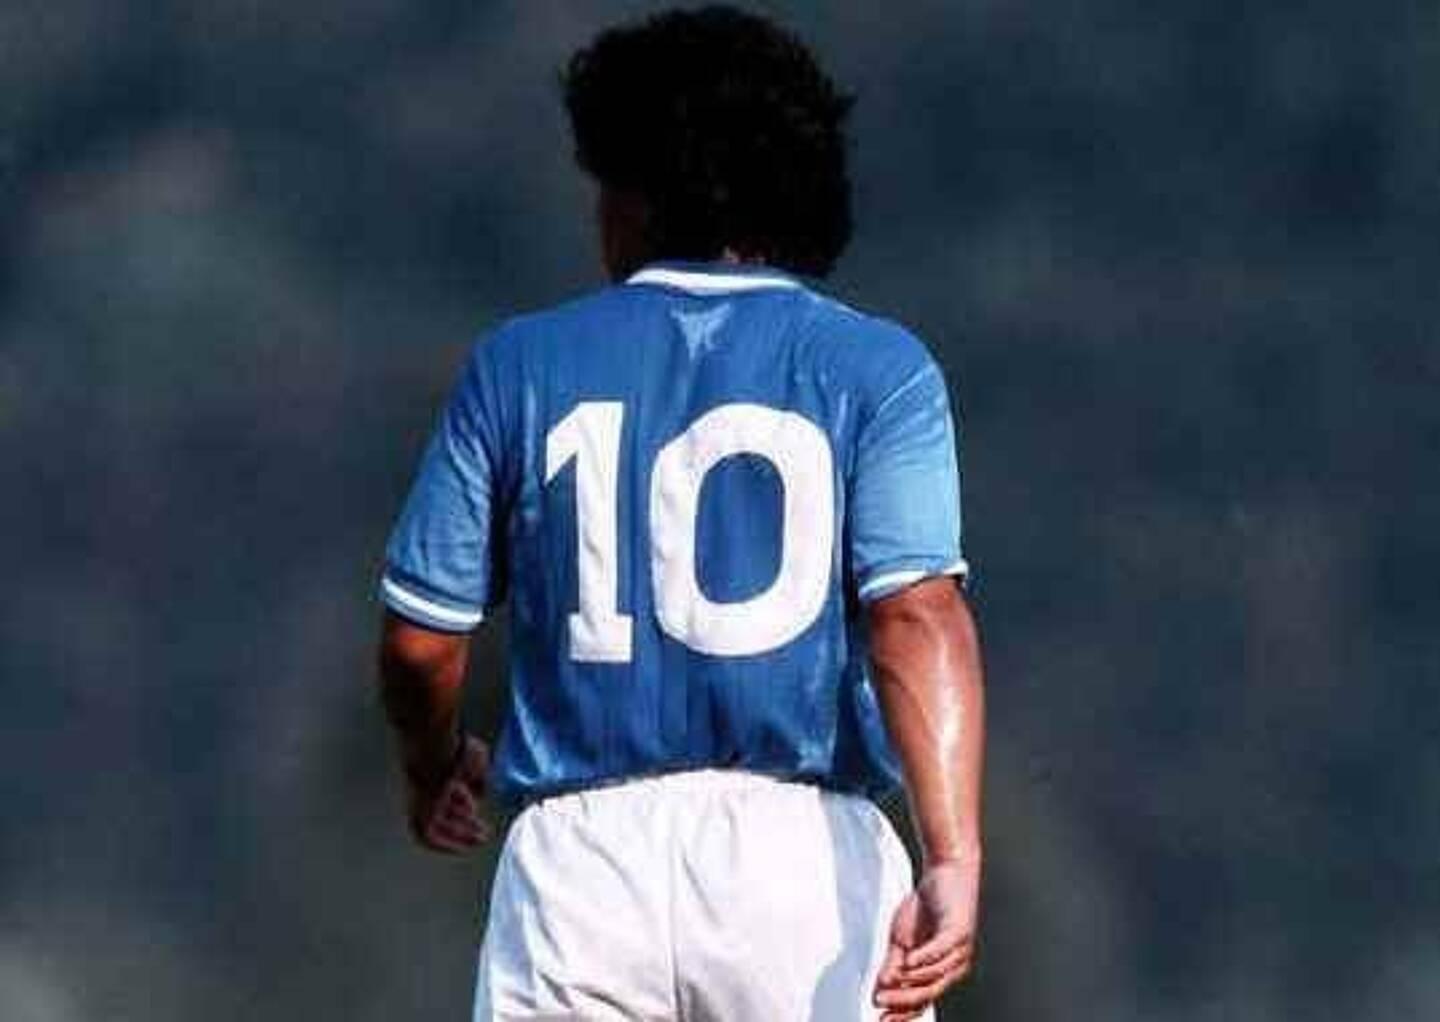 Diego Maradona est décédé en novembre dernier à 60 ans d'un problème cardiaque.